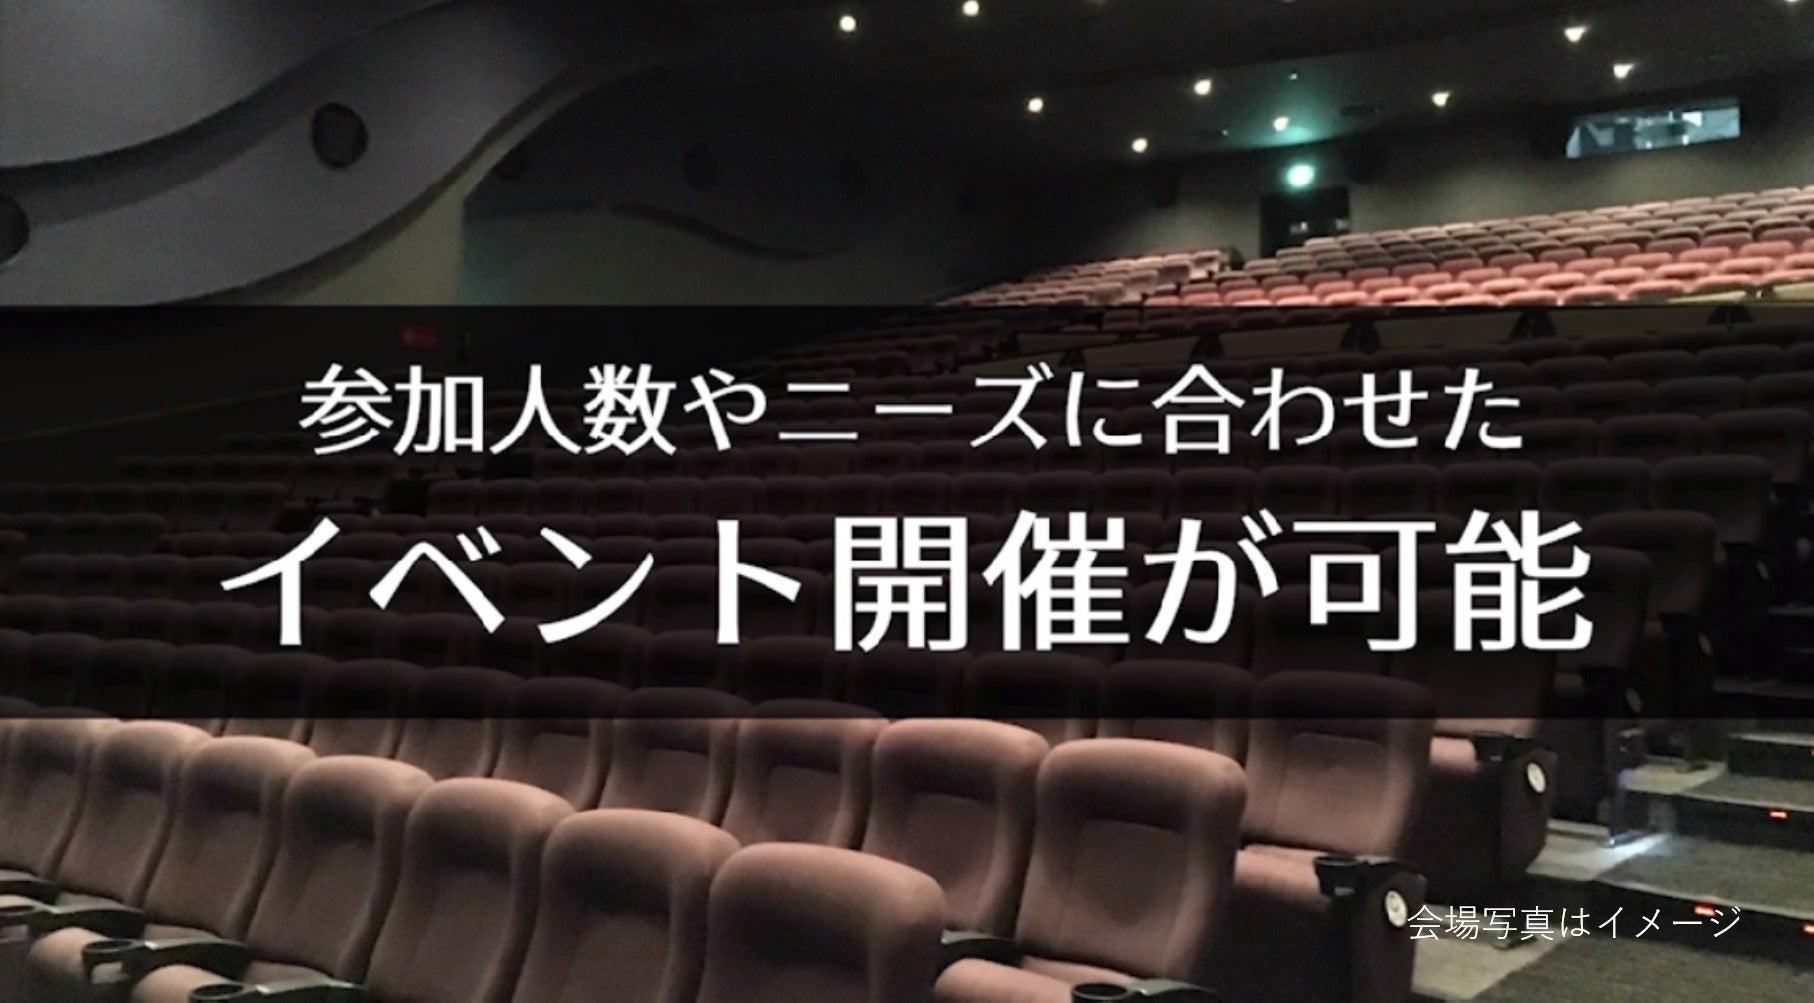 【金沢 376席】映画館で、会社説明会、株主総会、講演会の企画はいかがですか?(ユナイテッド・シネマ金沢) の写真0